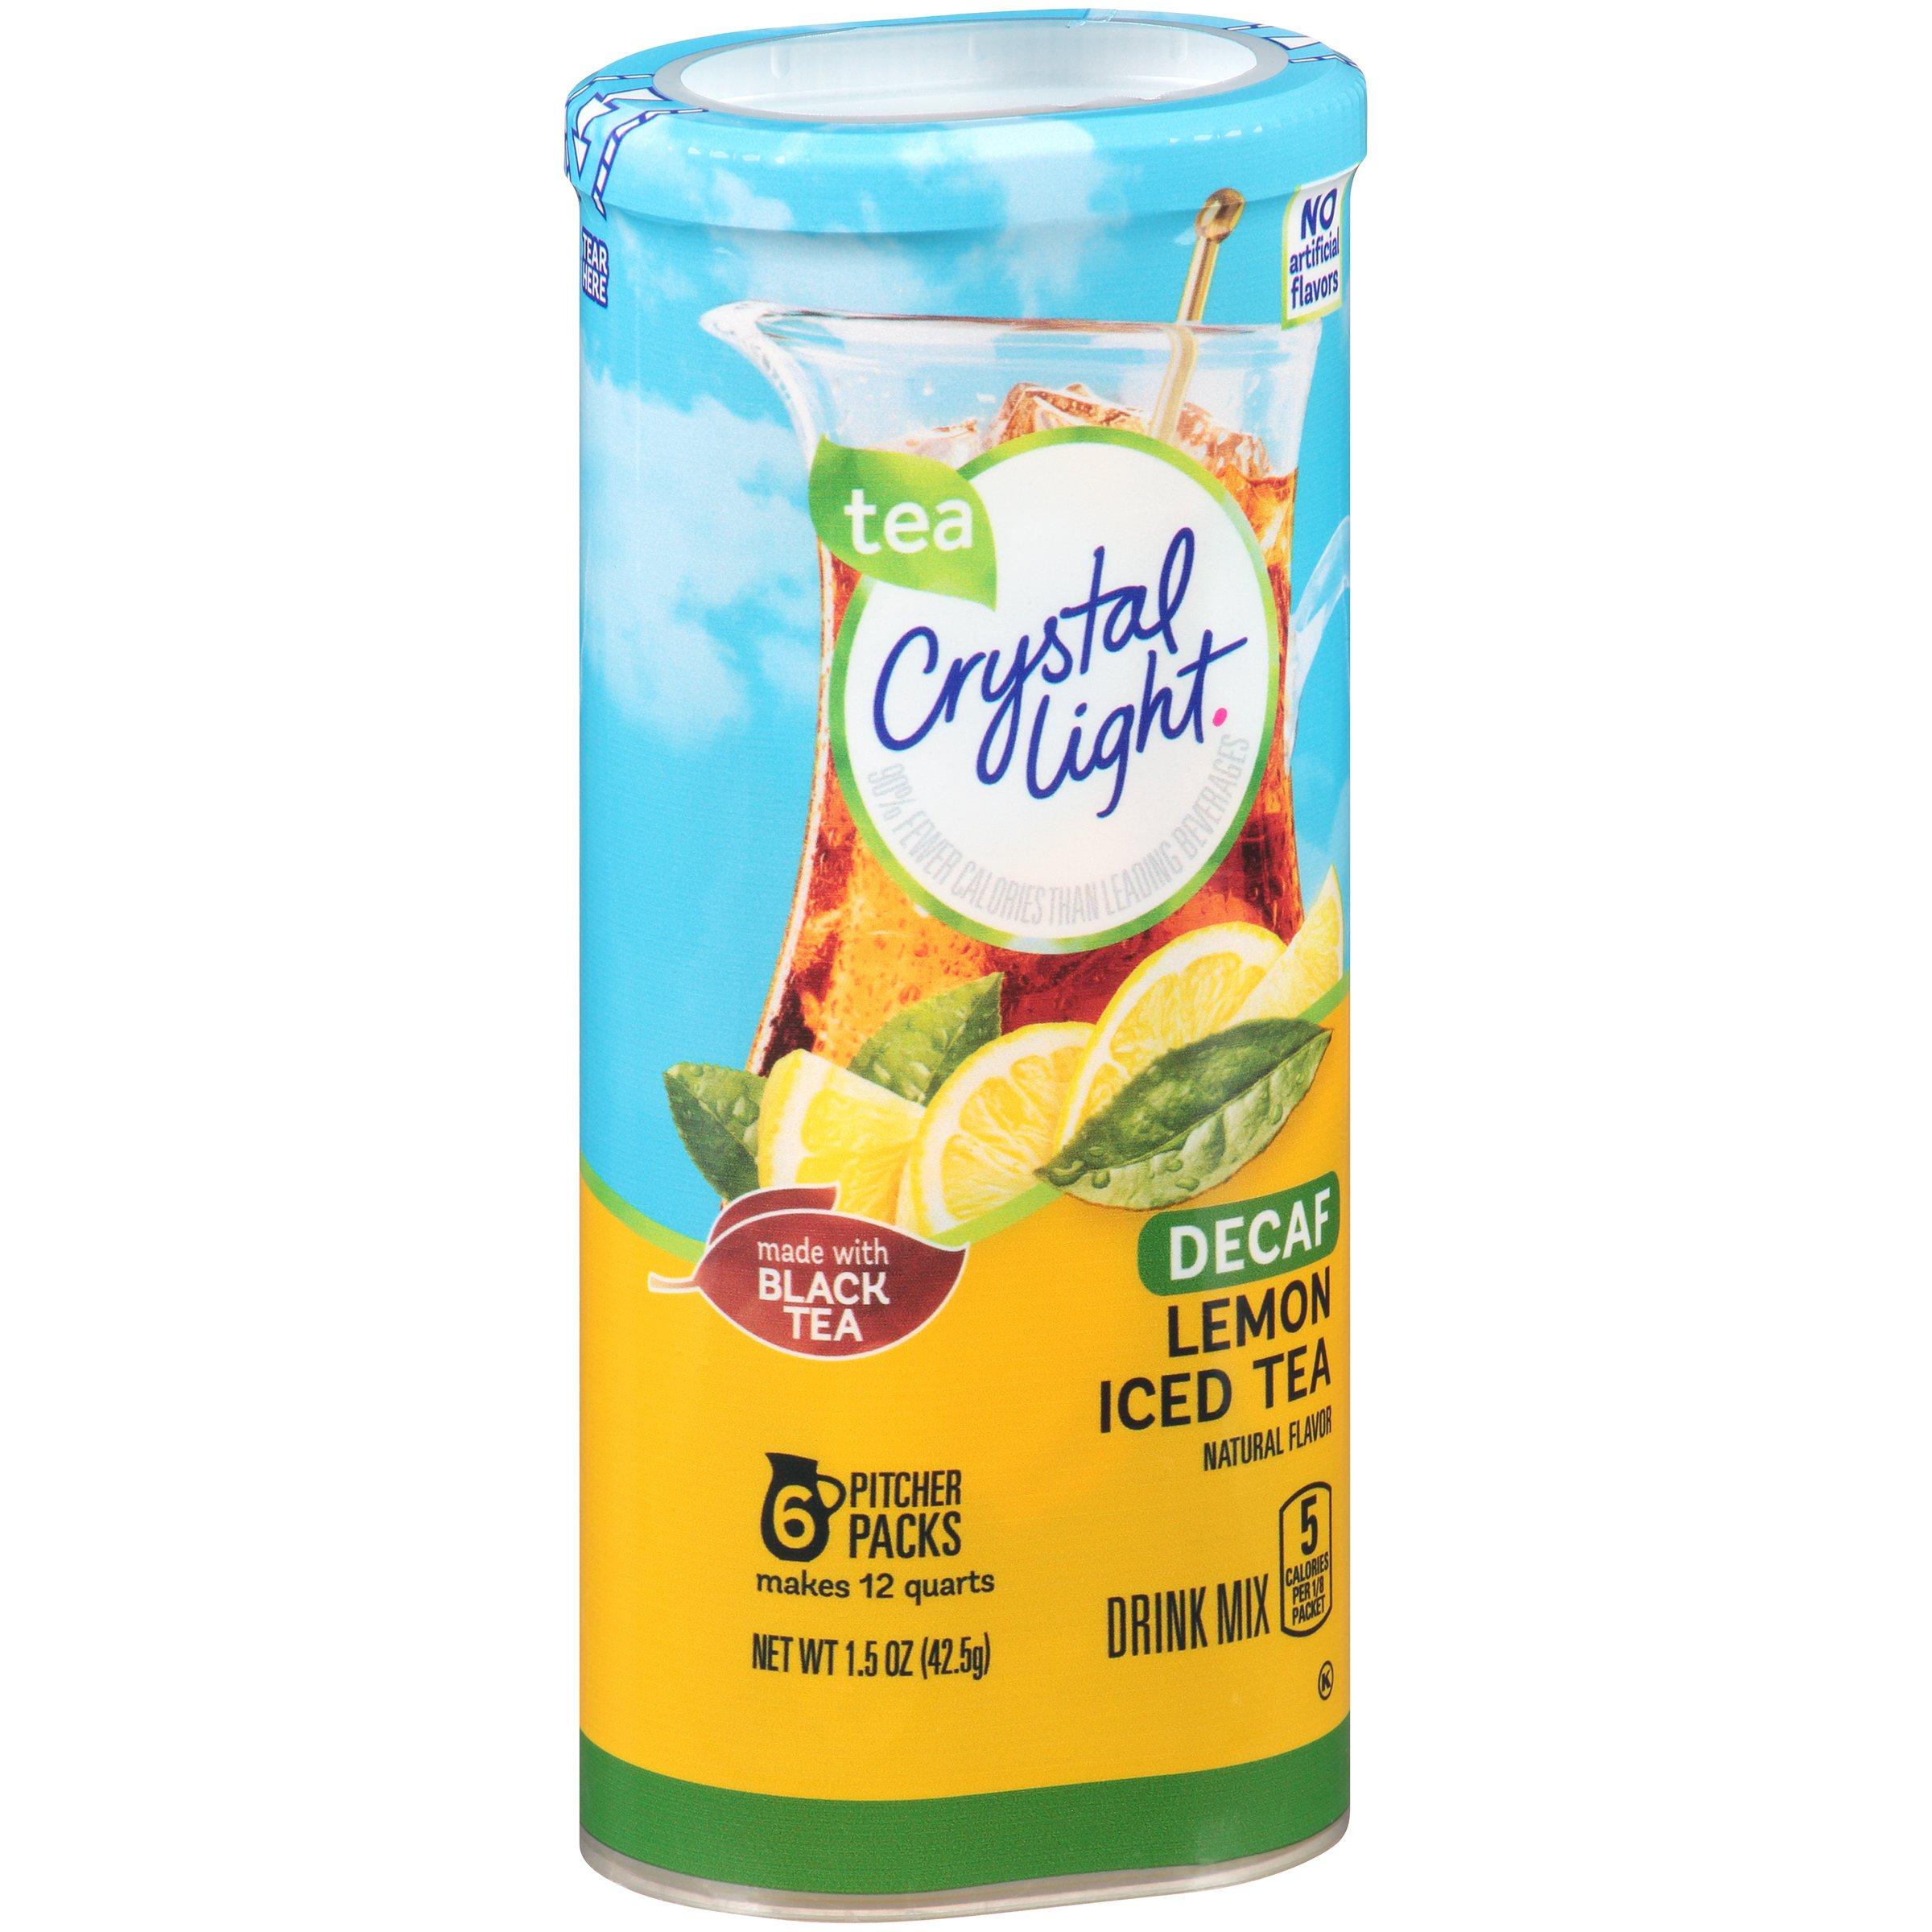 Crystal Light Lemon Decaf Iced Tea Natural Flavor Drink Mix, 12-Quart Canister (Pack of 6) by Crystal Light (Image #1)